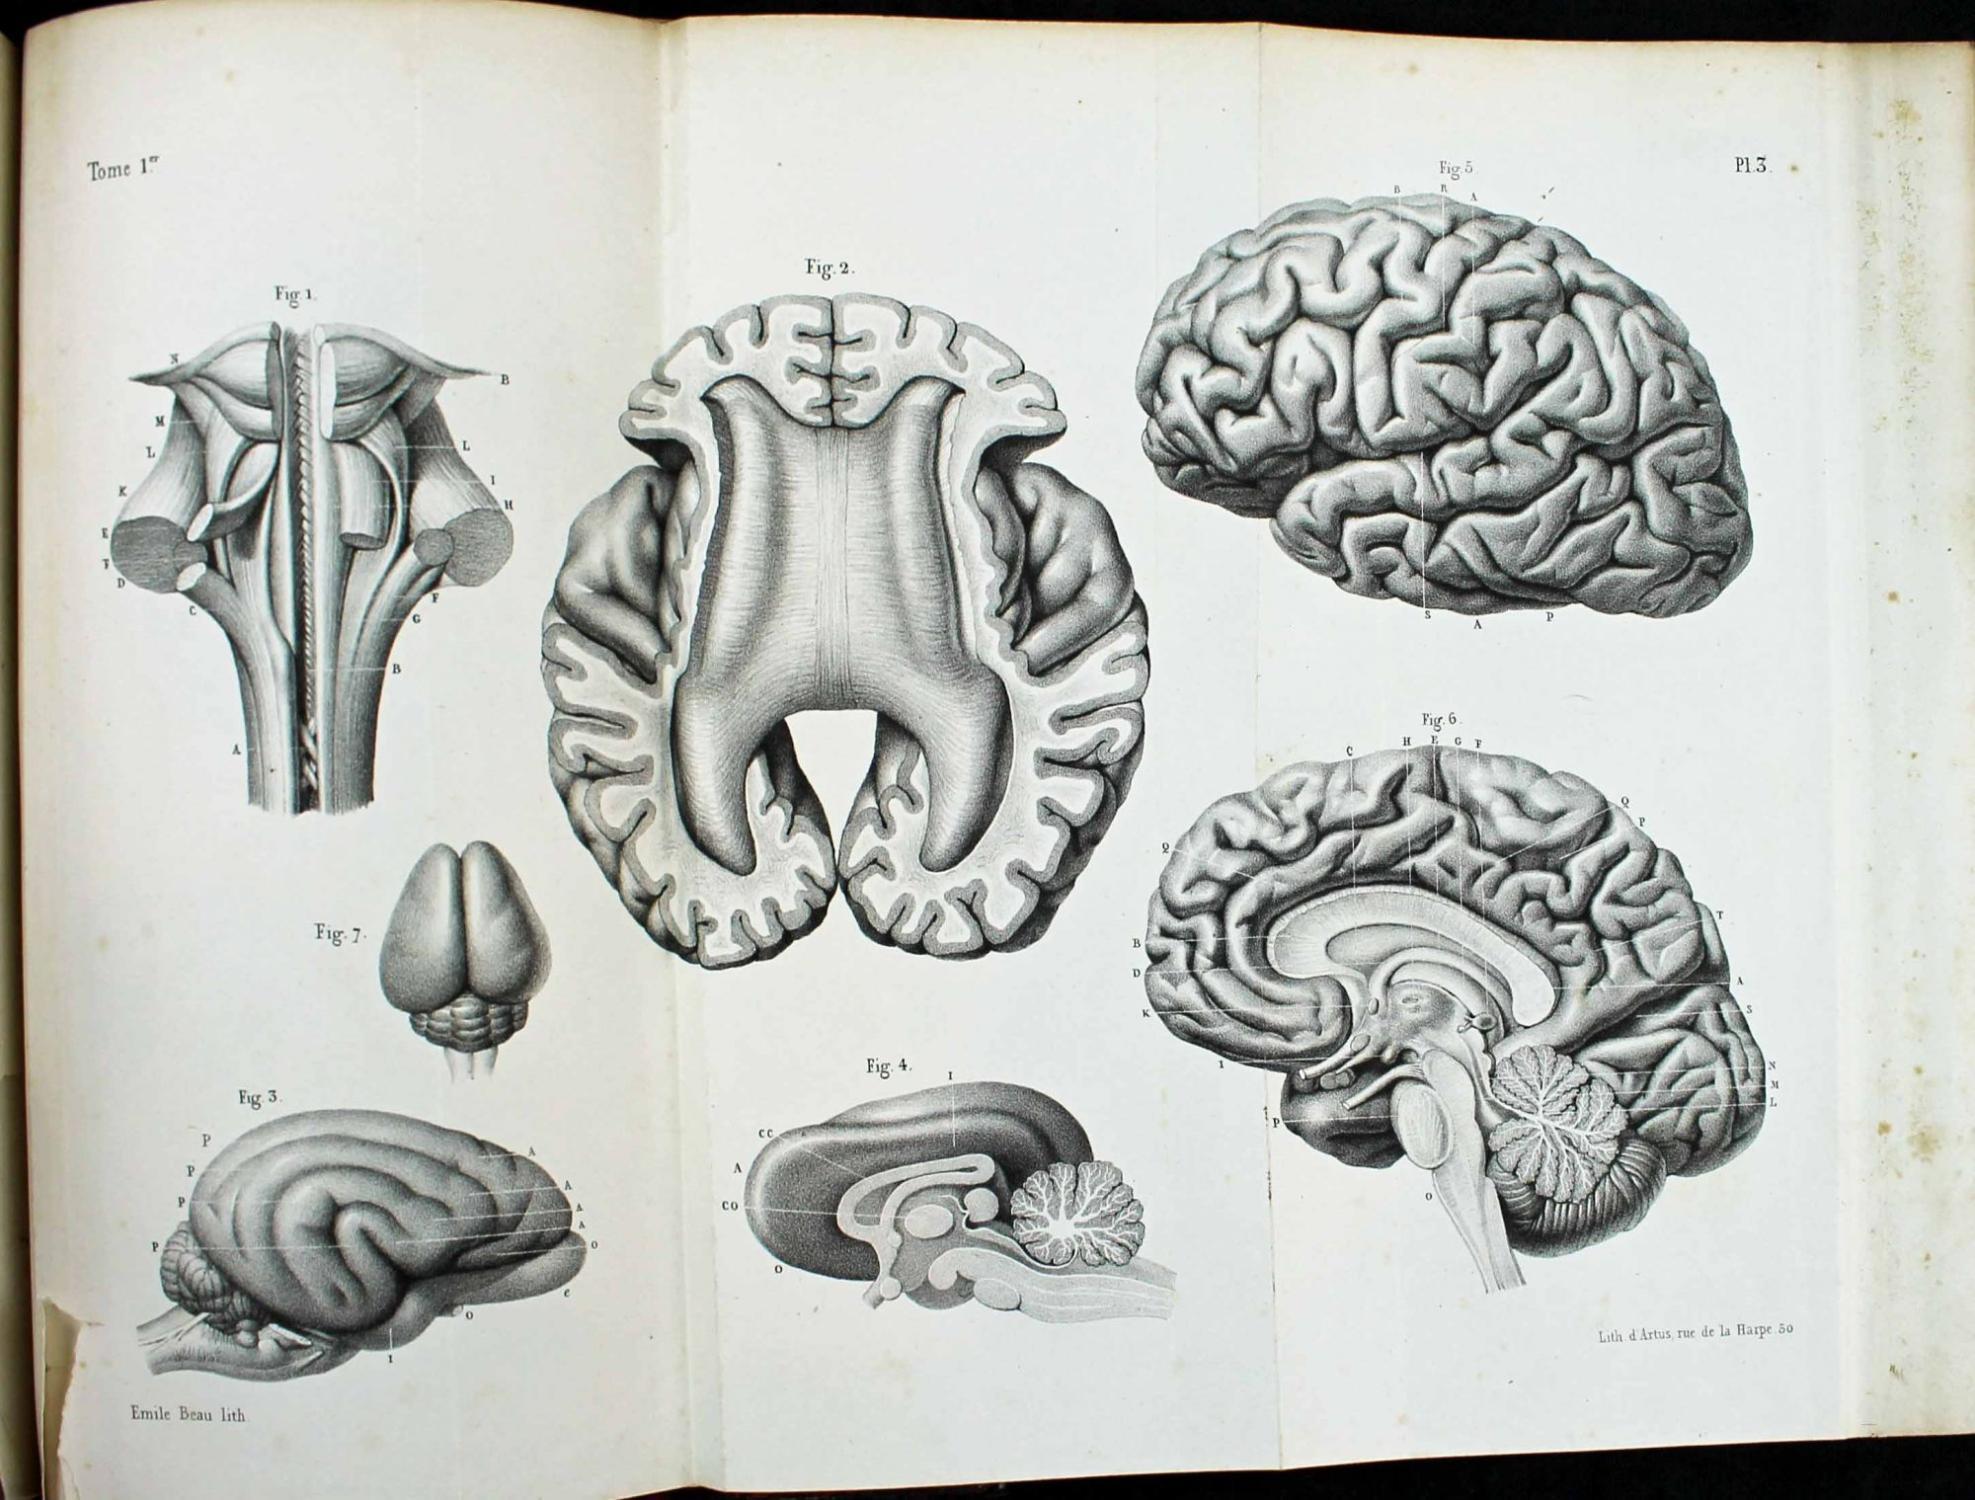 viaLibri ~ Rare Books from 1842 - Page 7